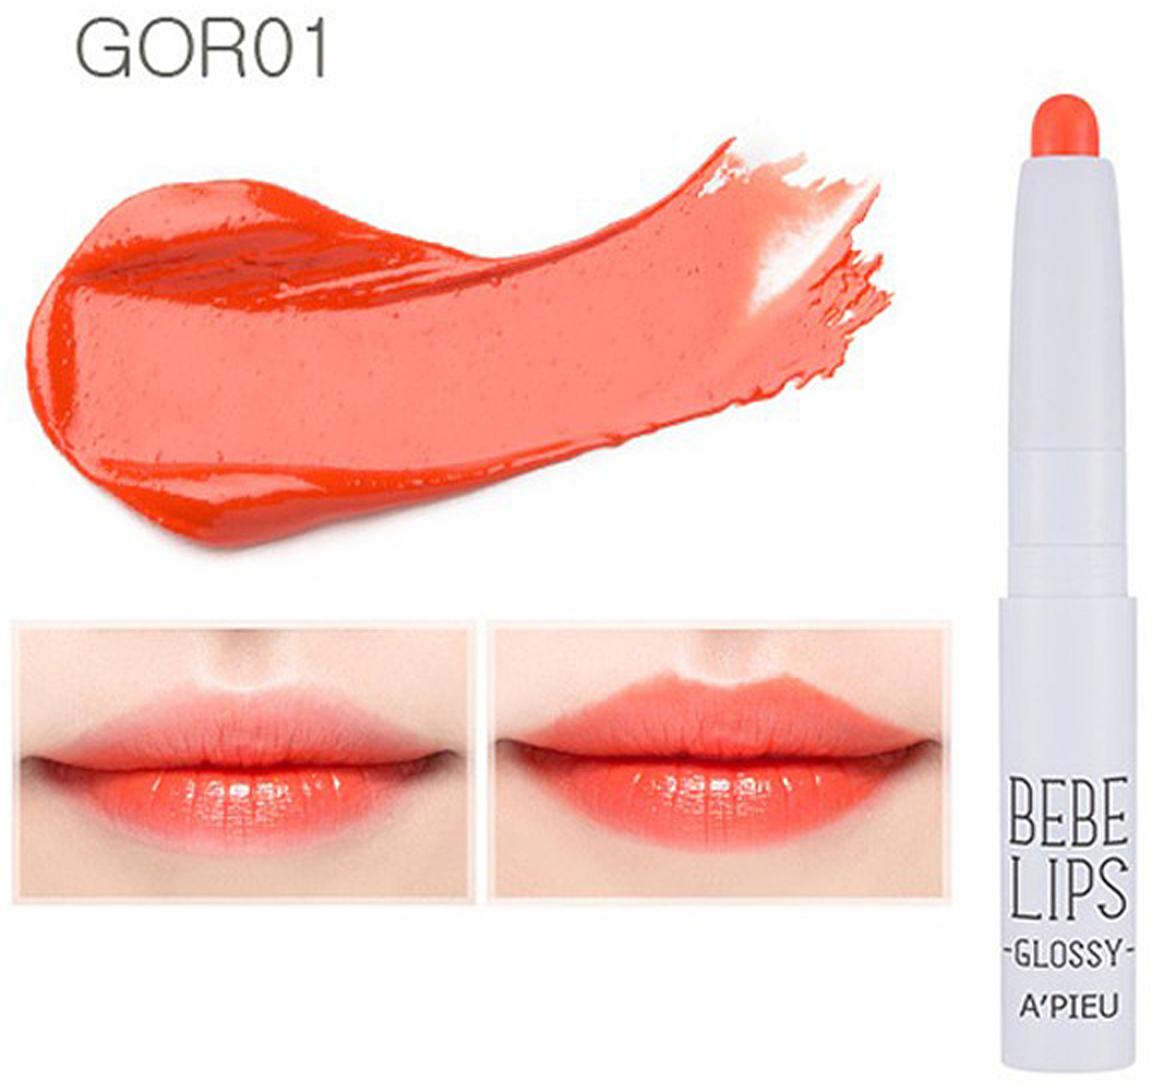 APieu Губная помада (Gor01), 1 г8806185716932Мини-губная помадаКакая губная помада лучше. Статья OZON Гид